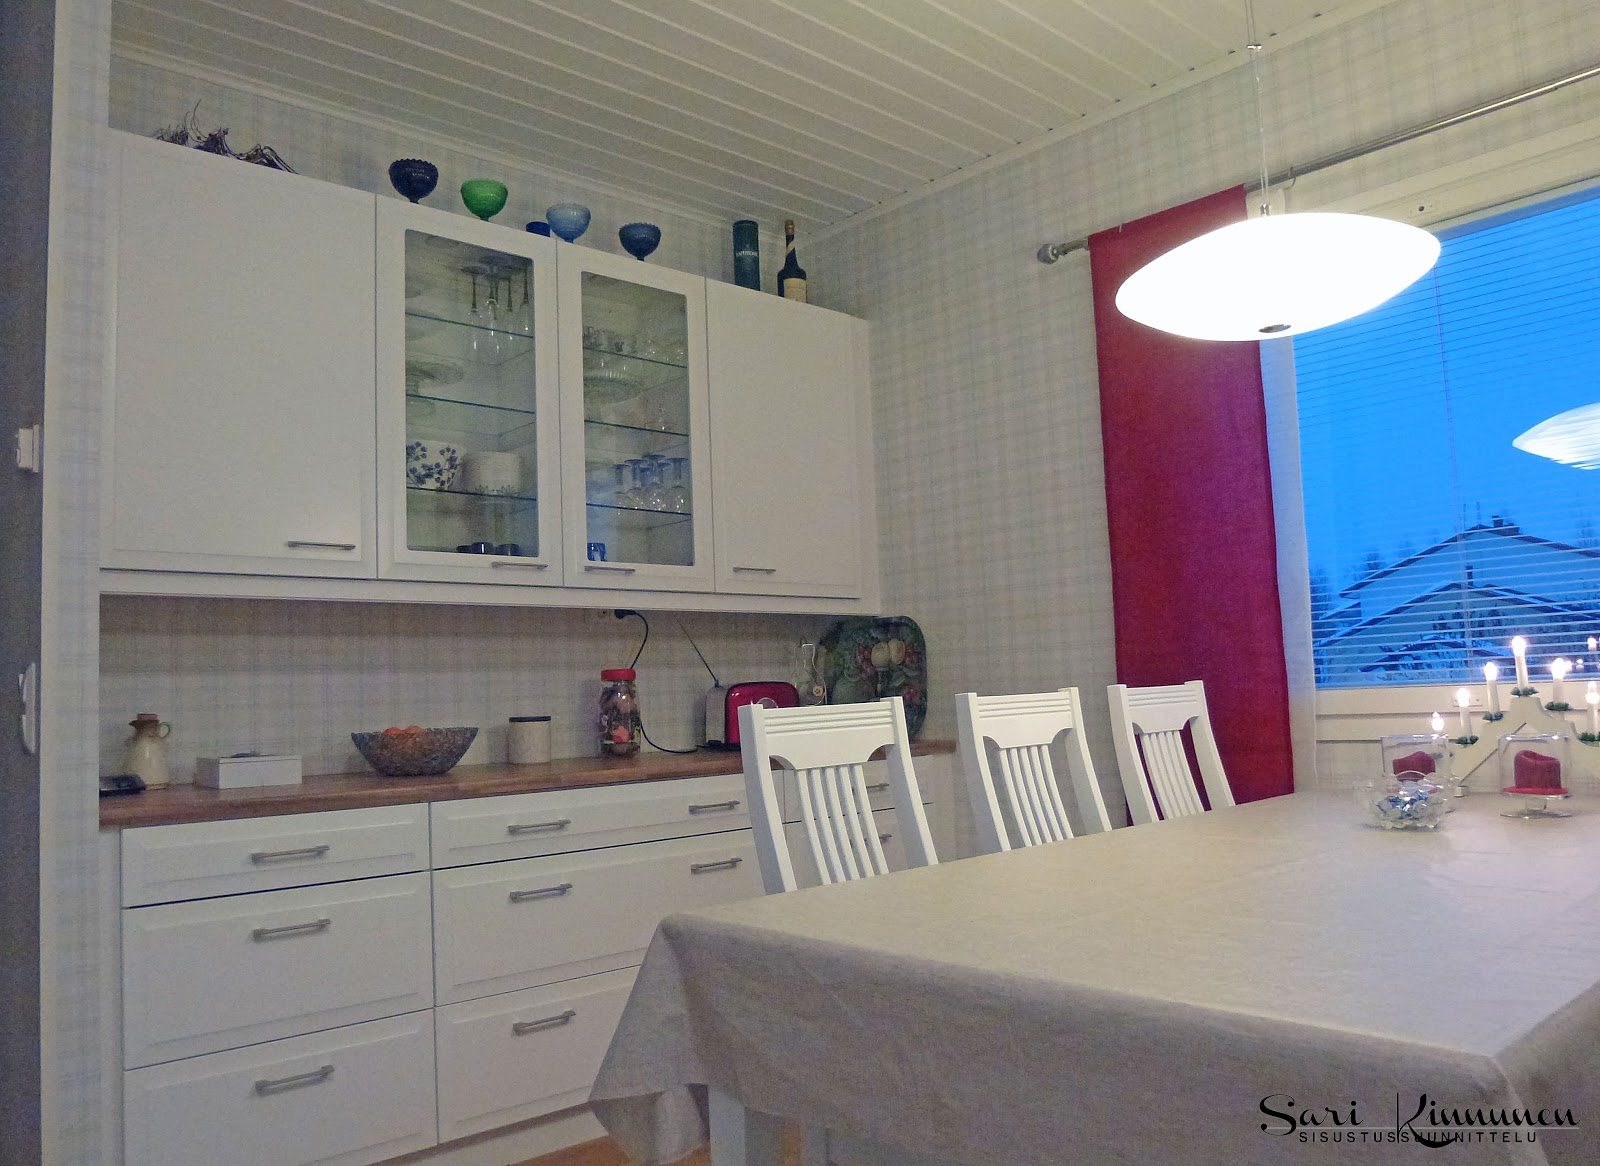 tyylikästä väriä jouluinen keittiö